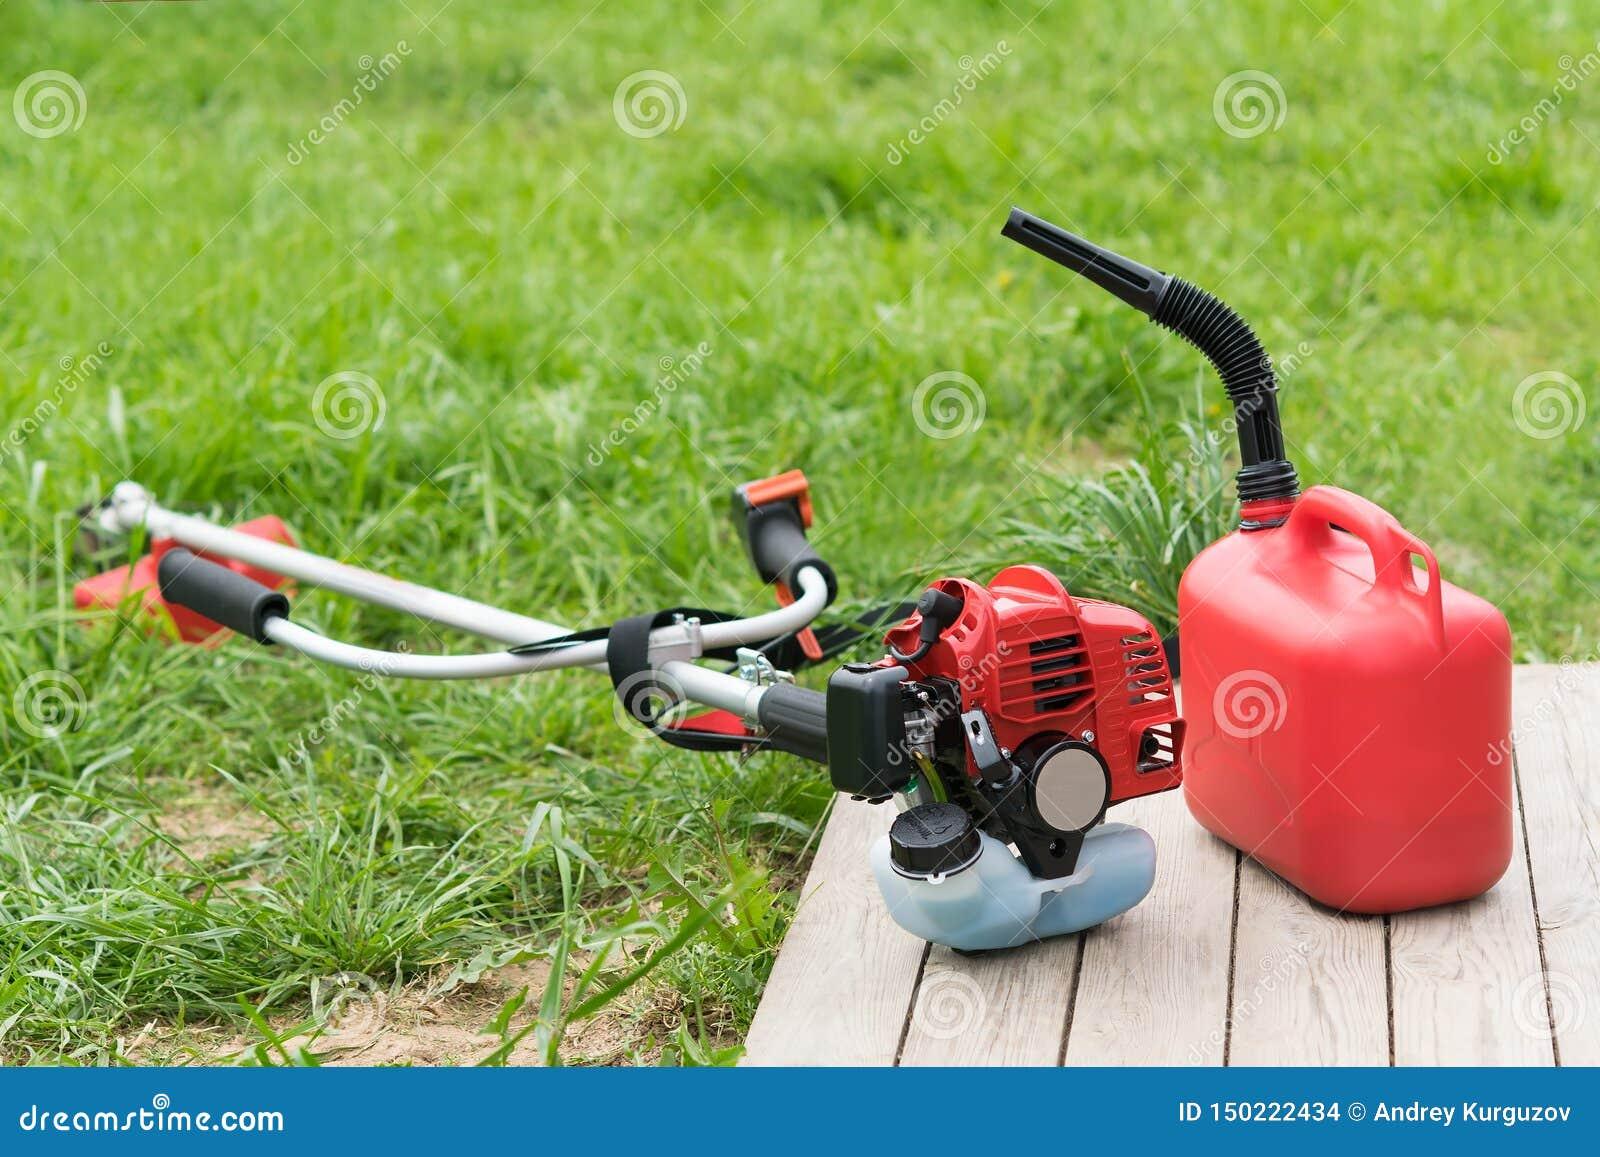 Falciatrice da giardino e bidone per la benzina con benzina sui precedenti di erba verde